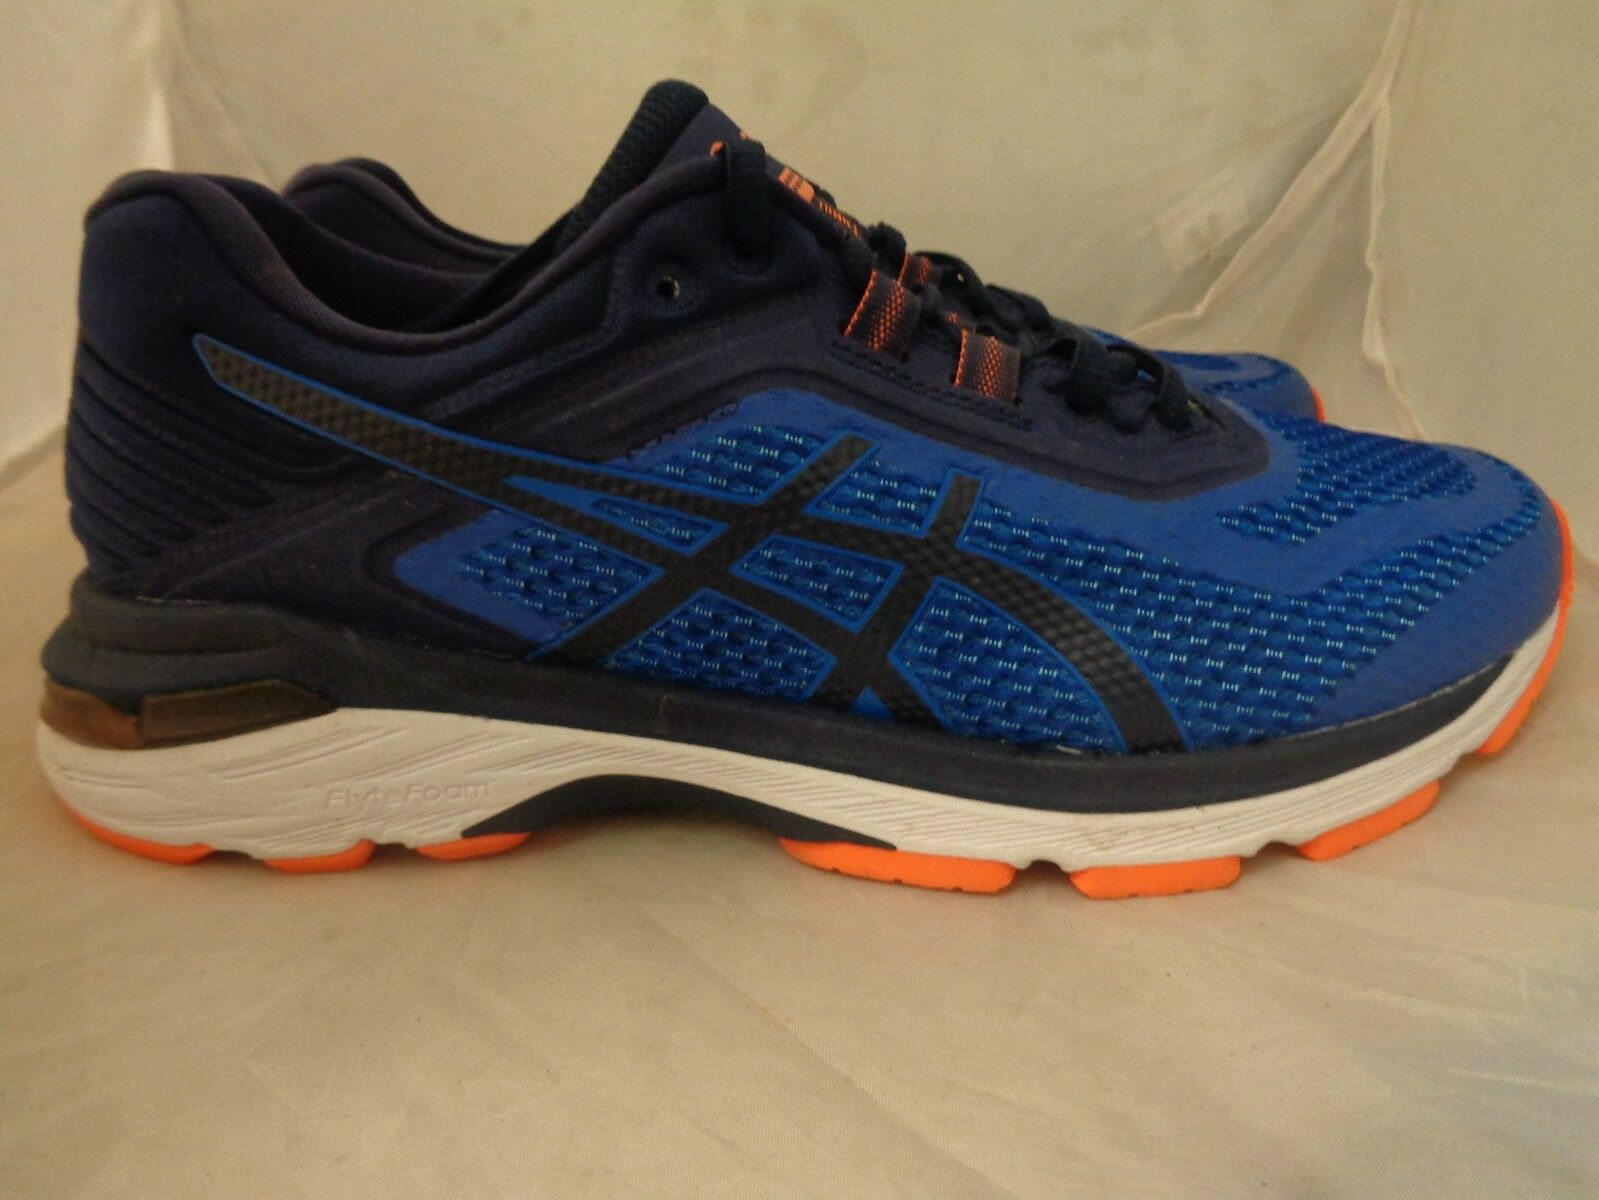 Asics Gel Gt 2000v6 Chaussure de Course pour Homme UK 6.5 Us 7 Eu 40 cm 35.5 Ref